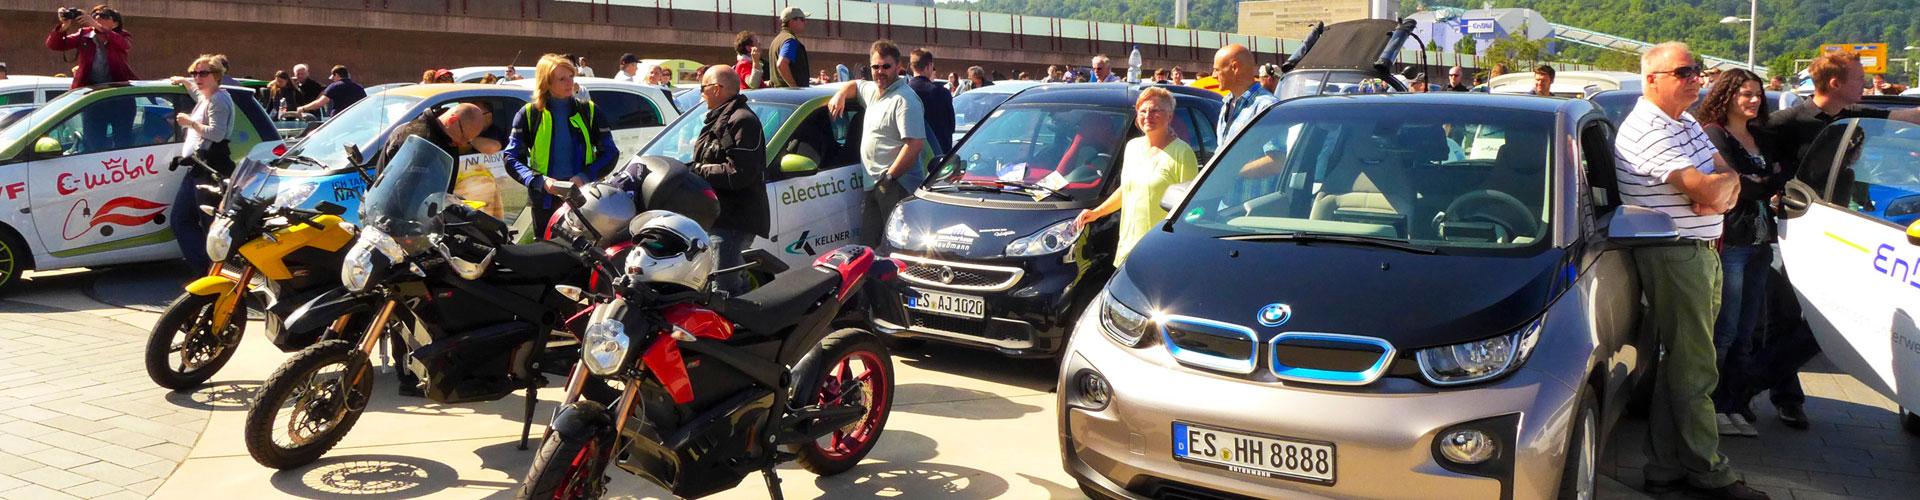 Auf einem Platz stehen verschiedene Elektrofahrzeuge (Bild: © Jana Höffner).